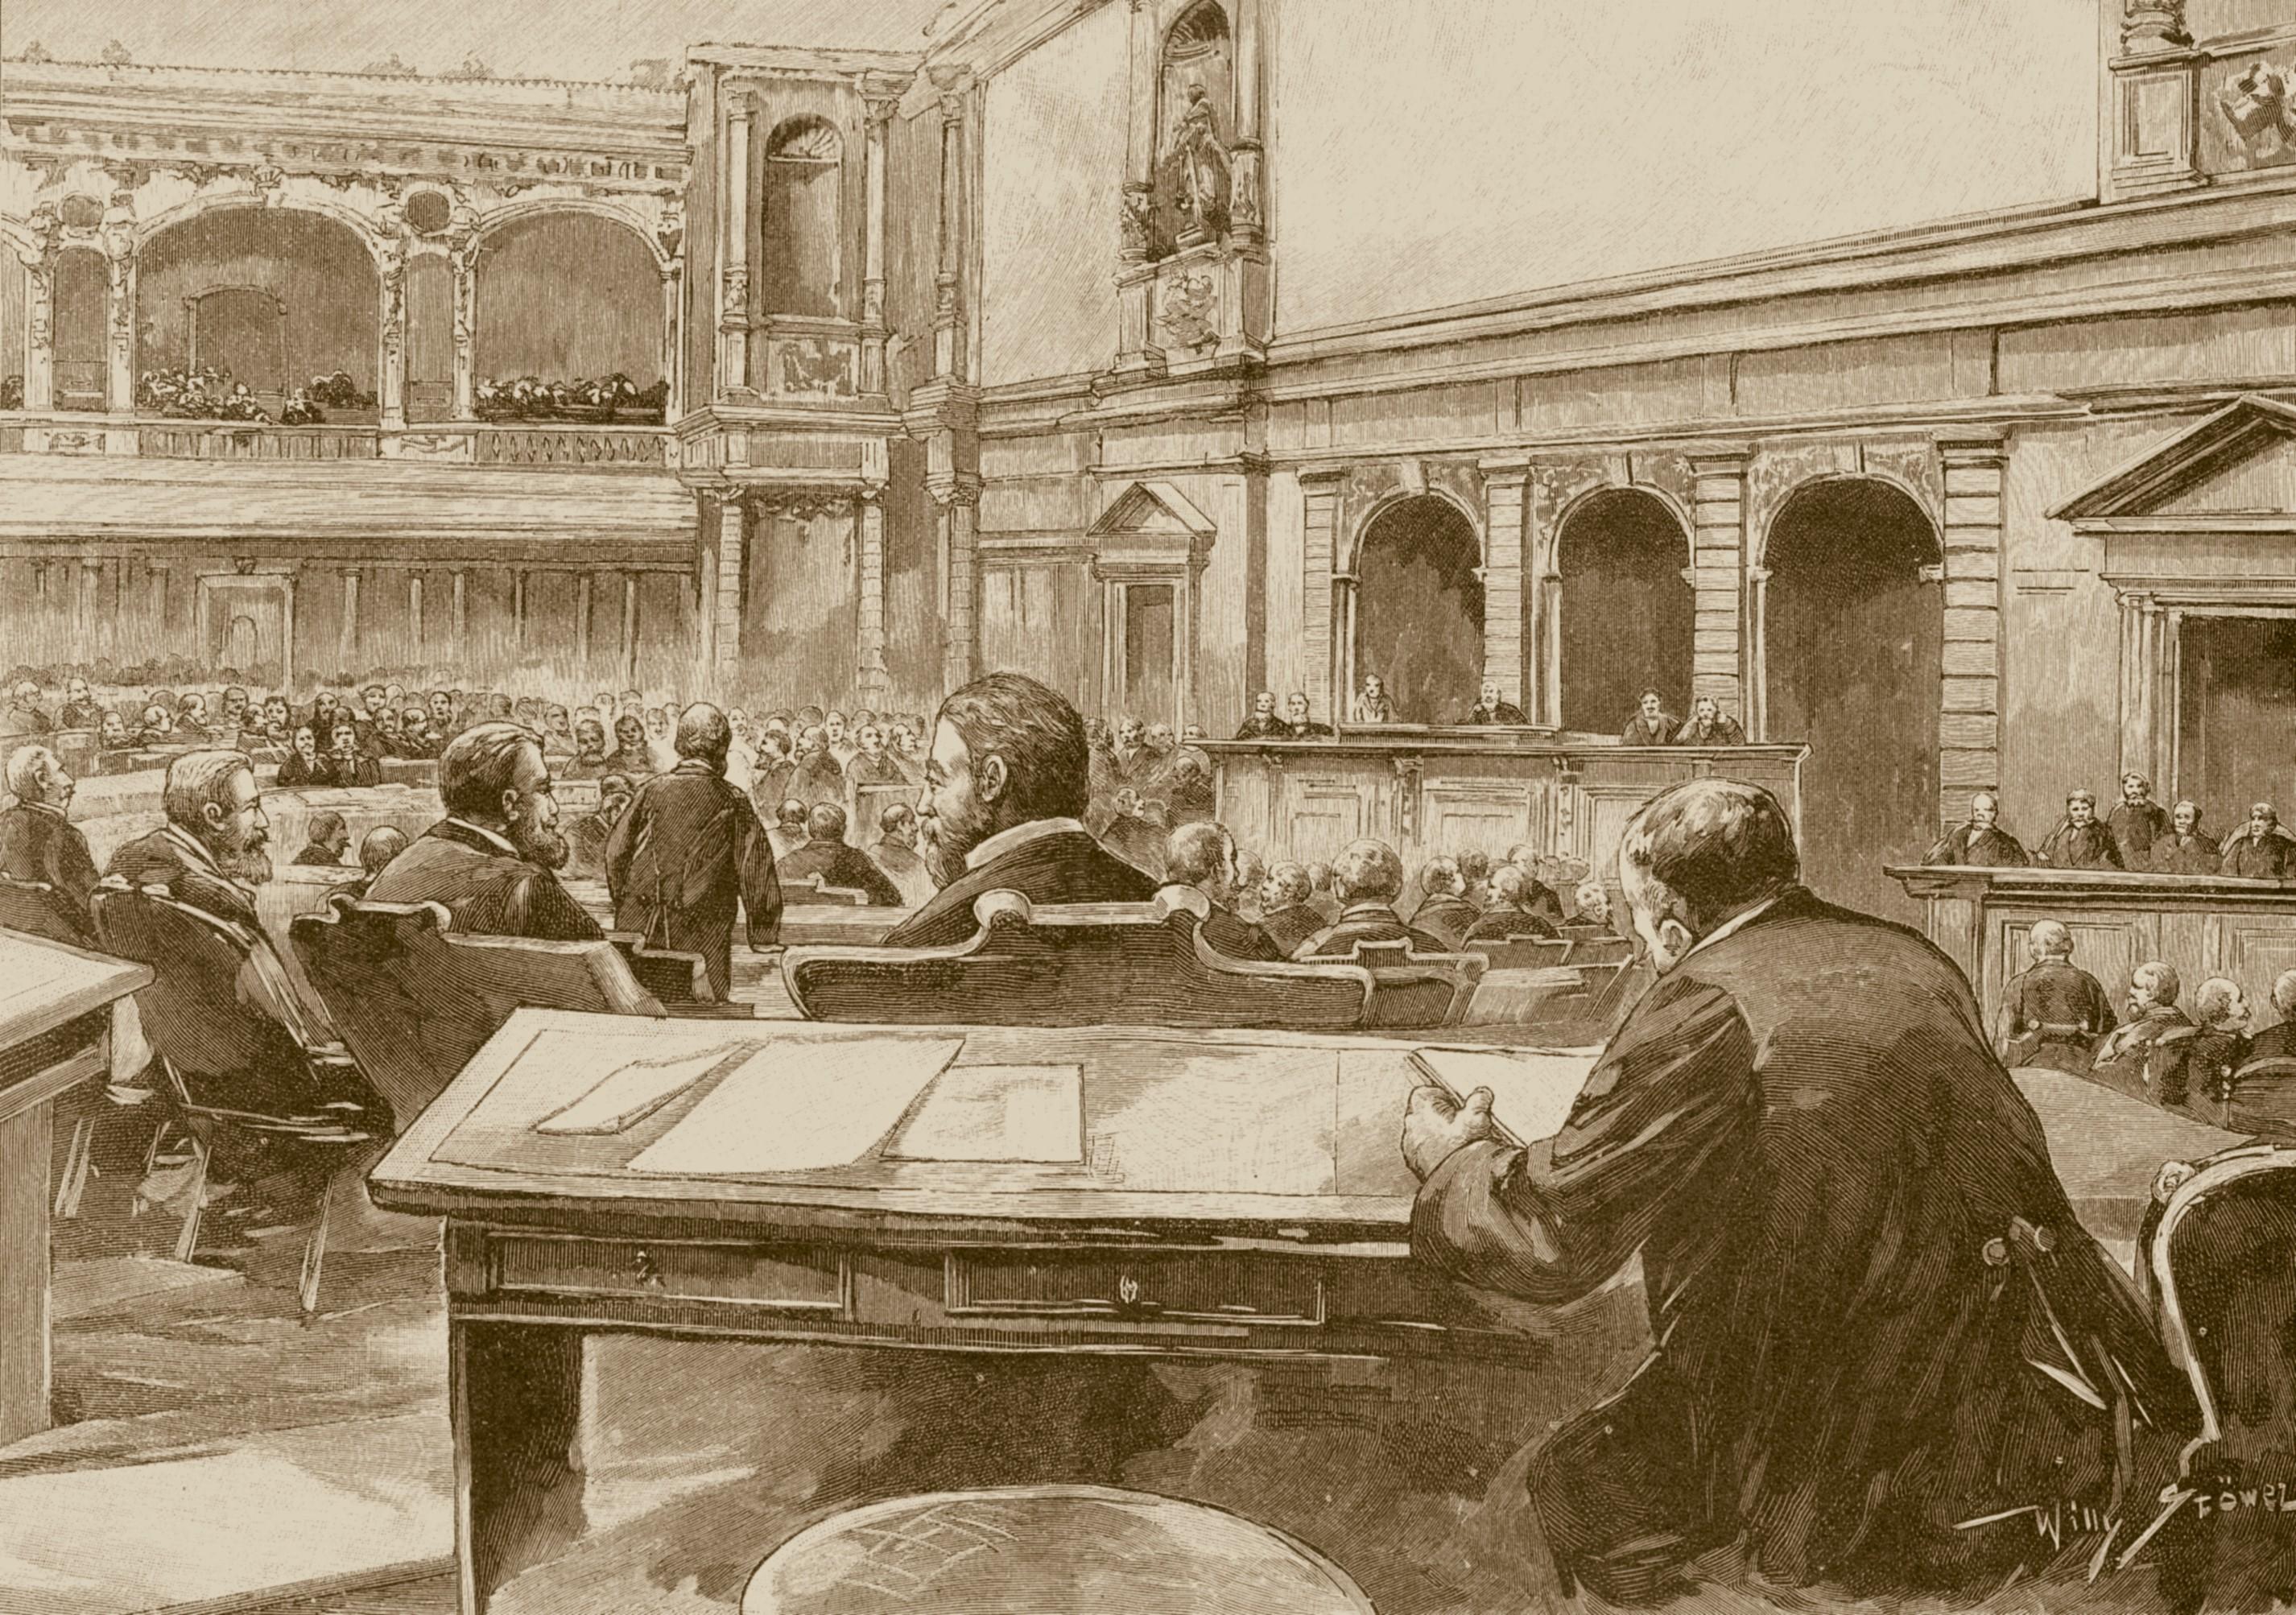 File:Reichstag-1894.jpg